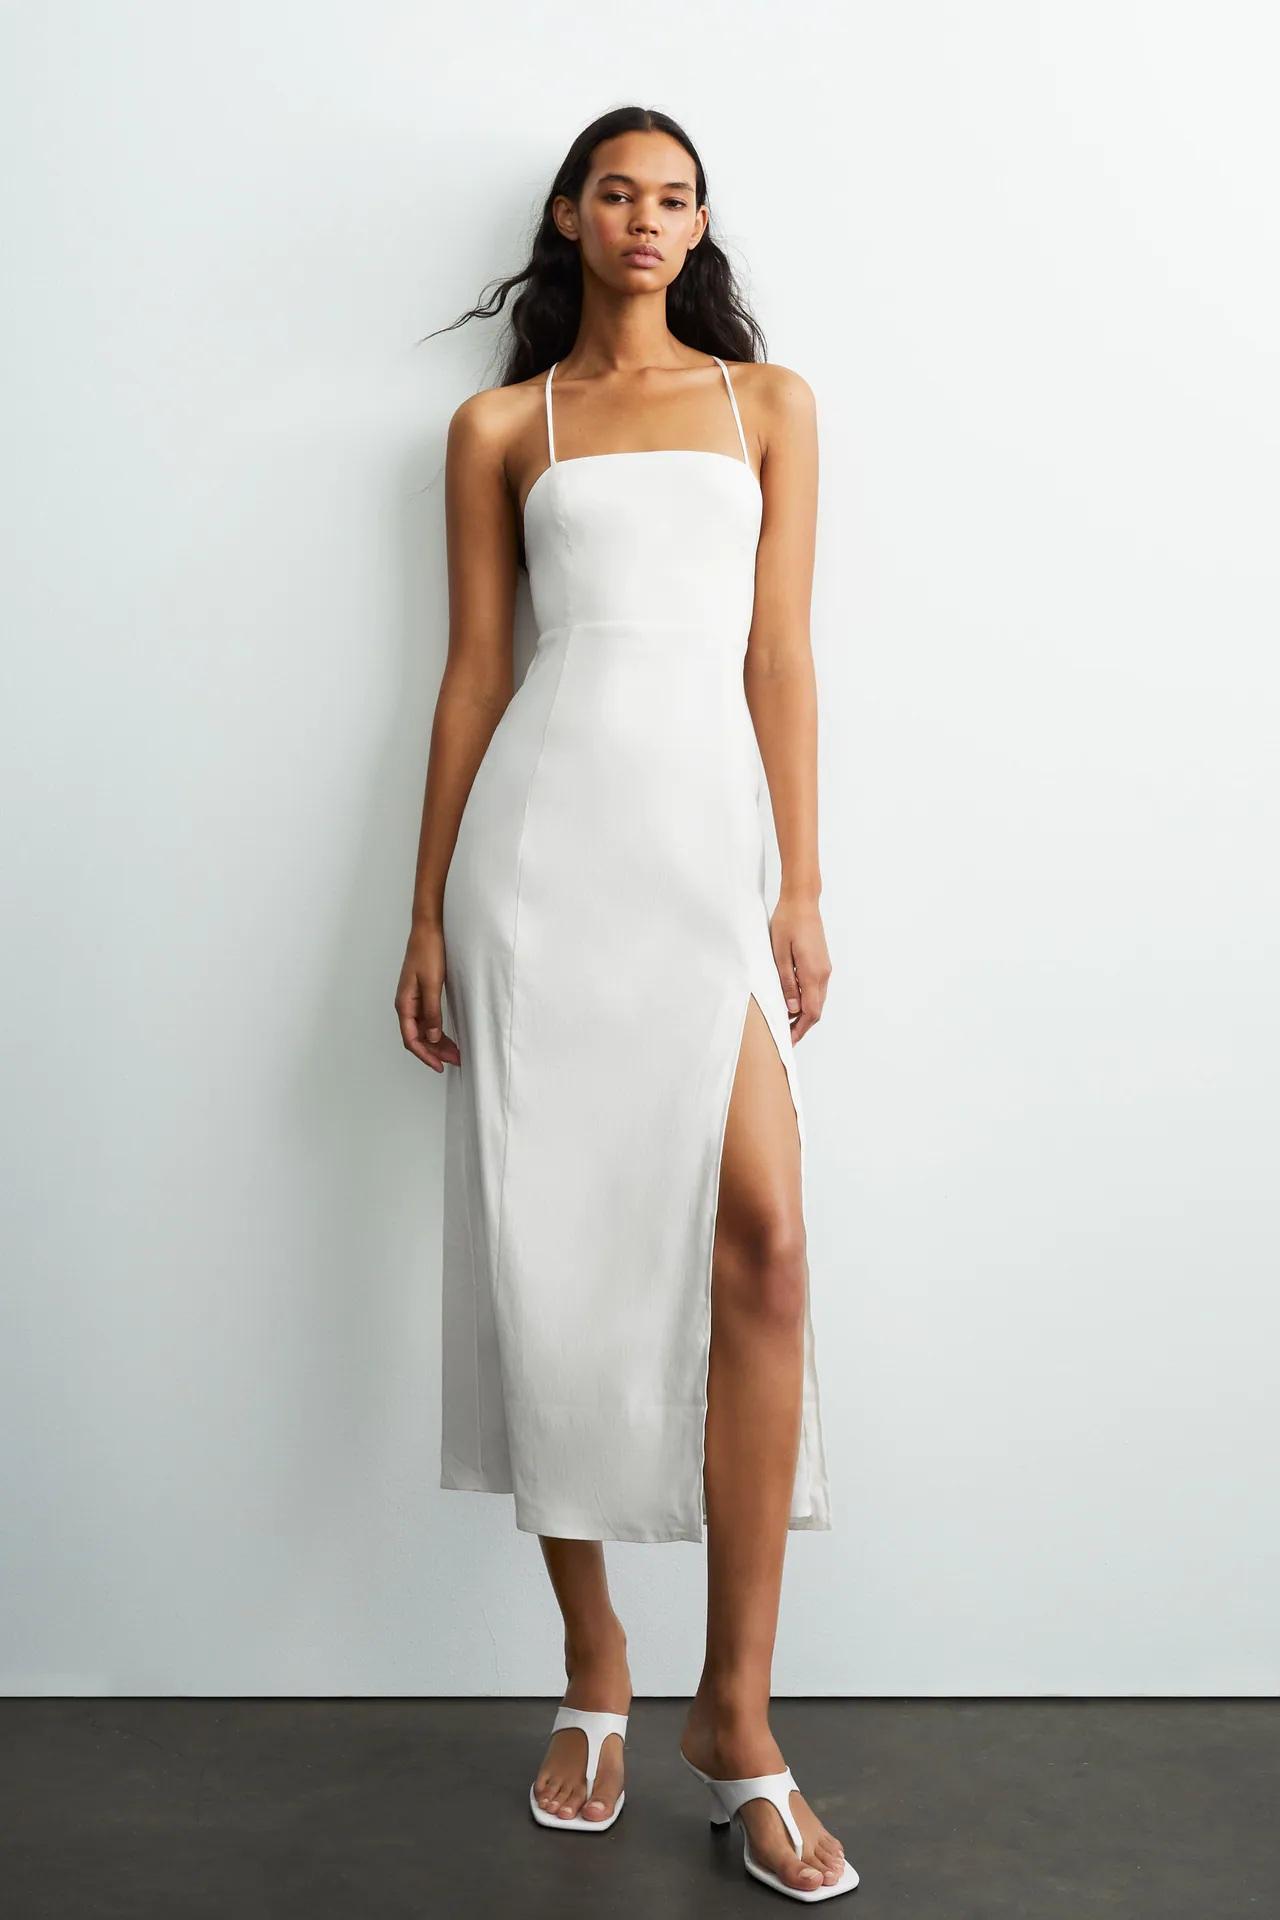 Hết Hà Tăng đến Mai Davika lăng xê, đây đúng là kiểu váy hot nhất Hè này rồi - Ảnh 6.